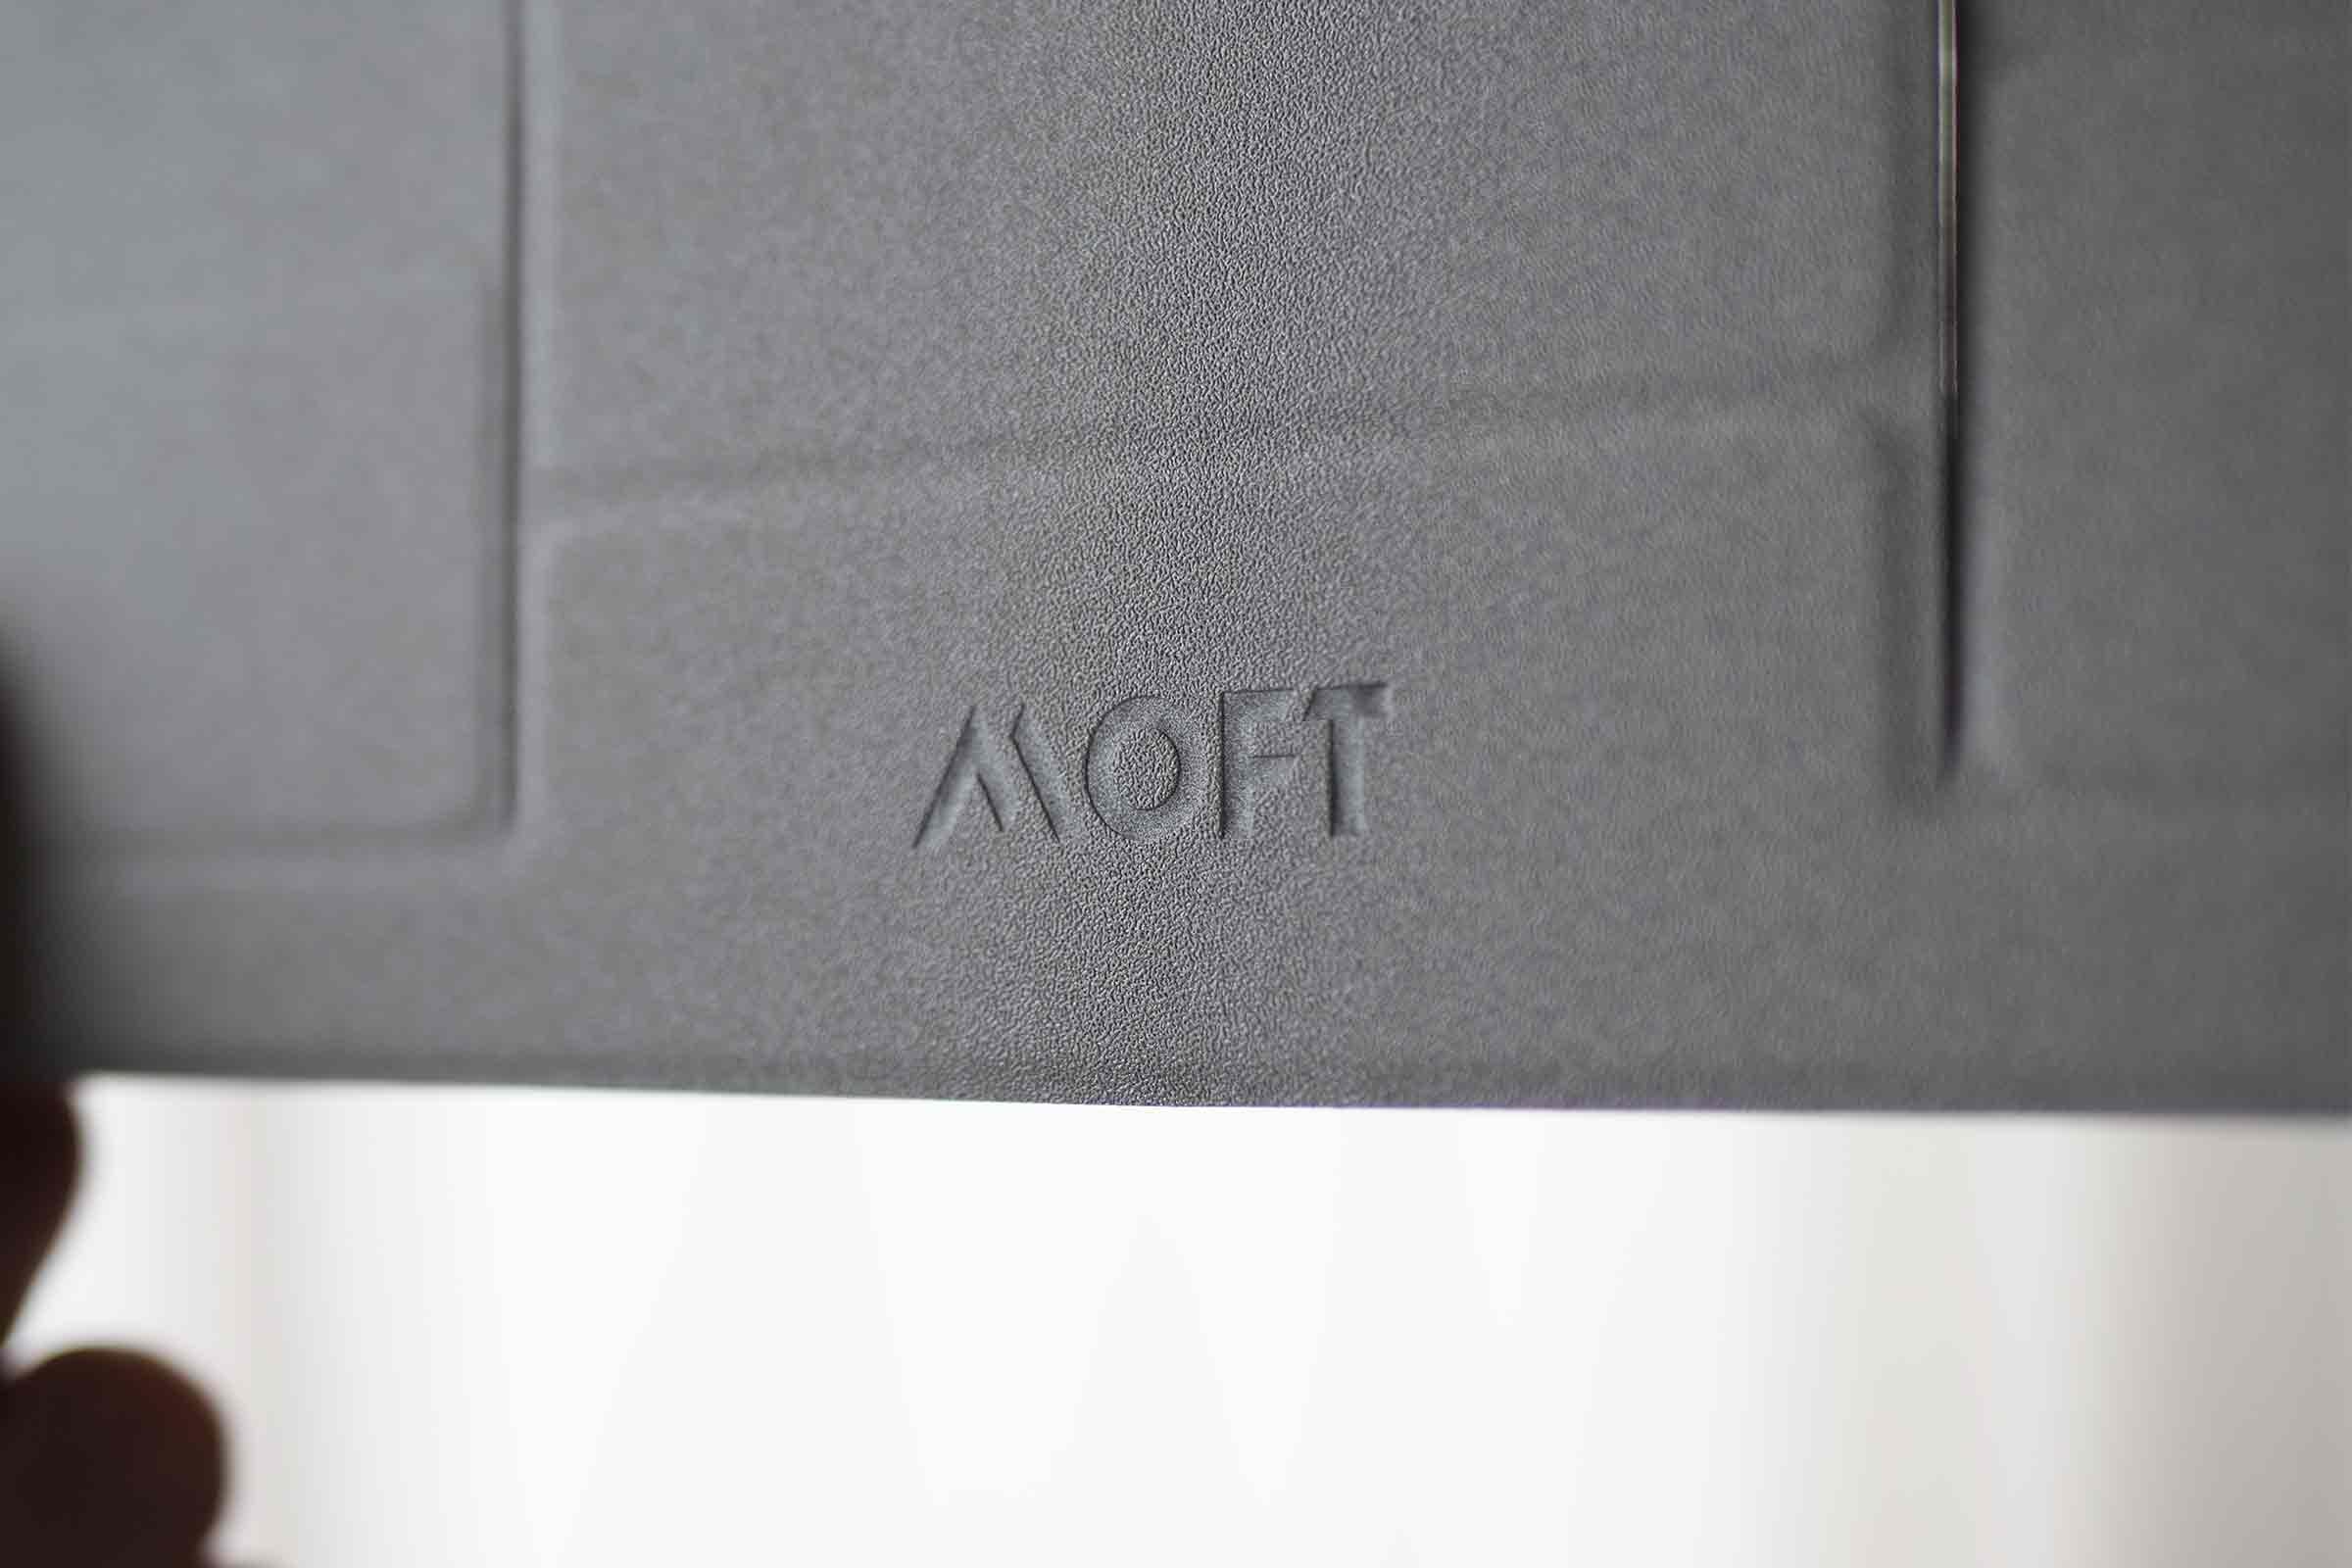 moft,MOFTmini,PCスタンド,パソコンスタンド,クラウドファンディング,薄い,安い,コスパ,パソコン